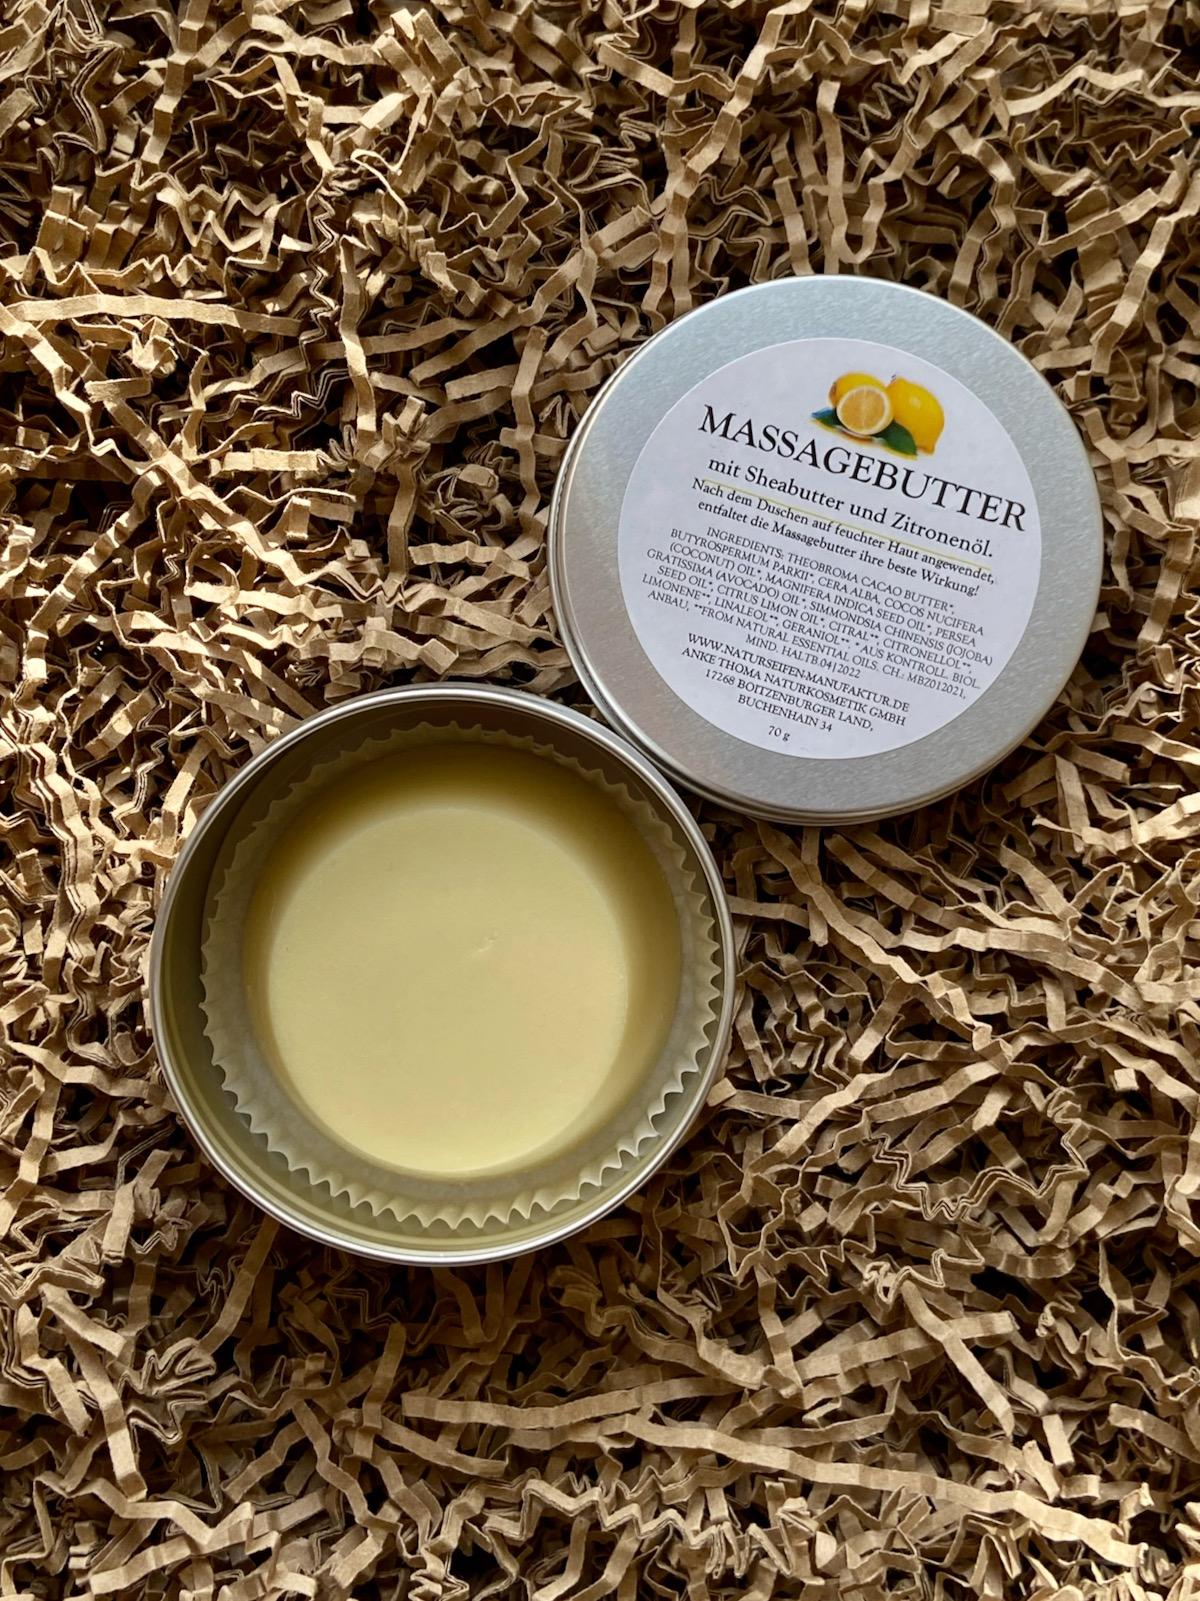 Naturseifen Uckermark Massagebutter mit Sheabutter und Zitronenöl